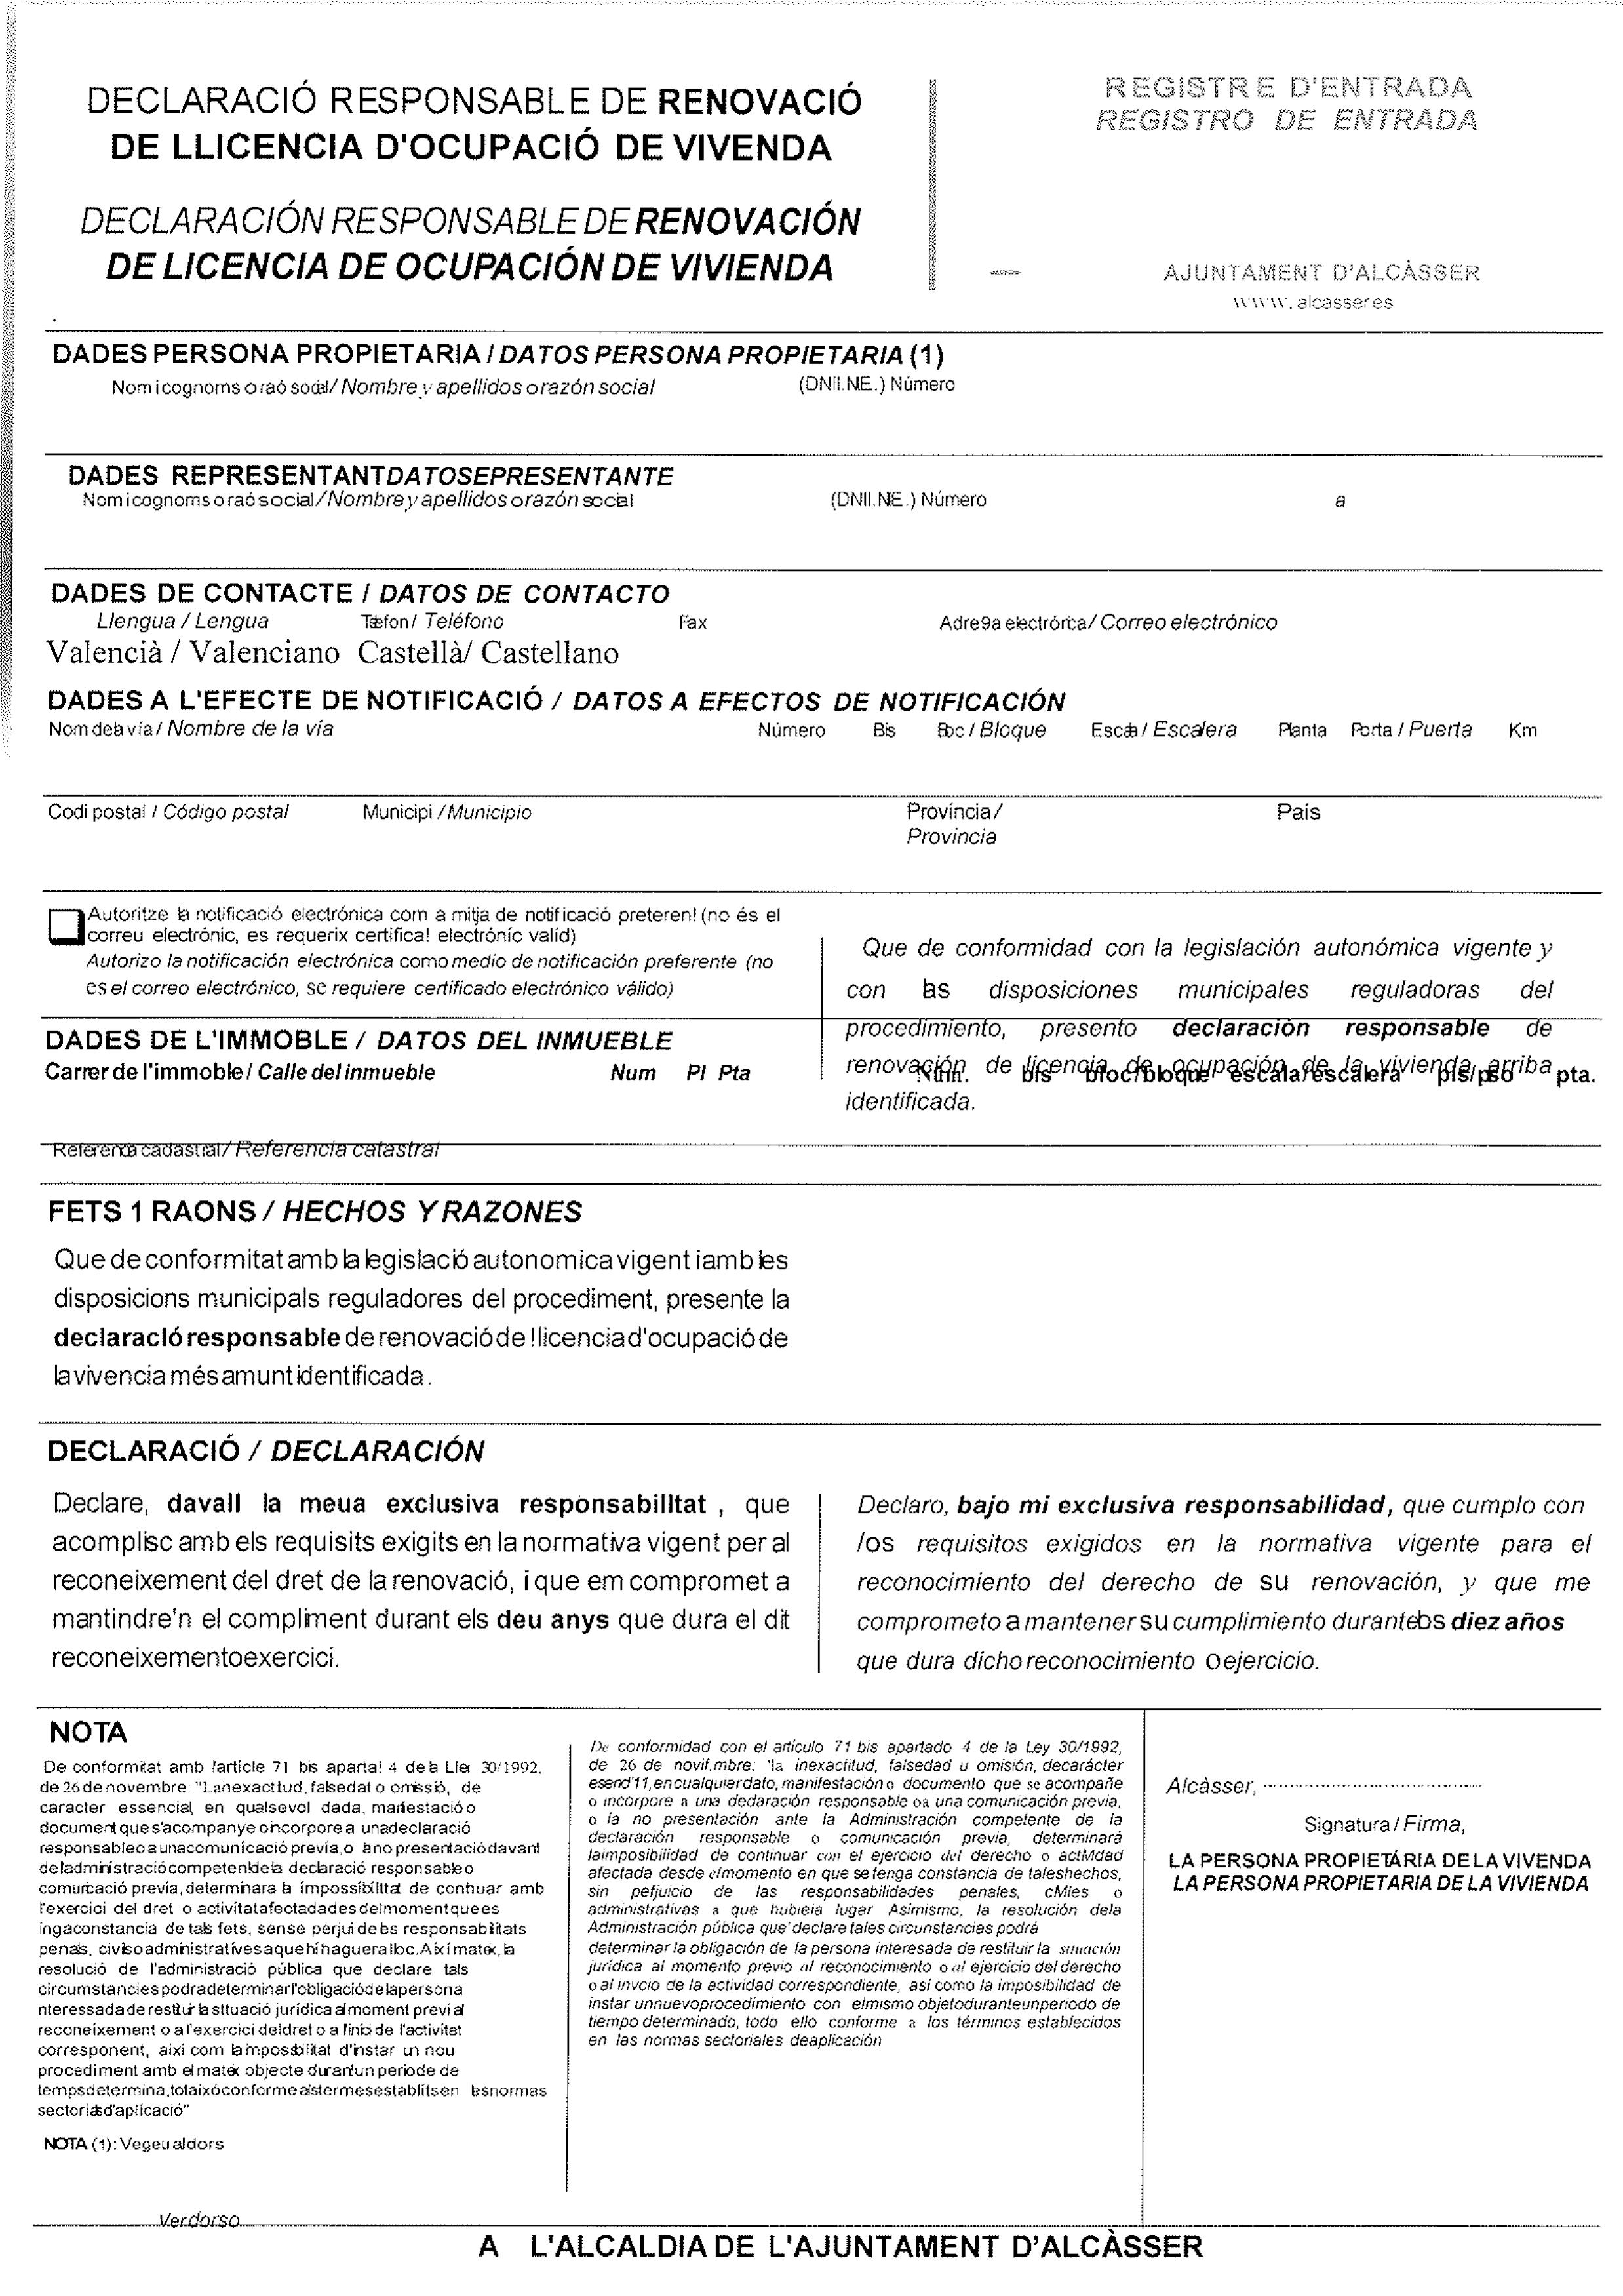 Impreso Declaración Responsable Segunda Ocupación - Alcasser 1